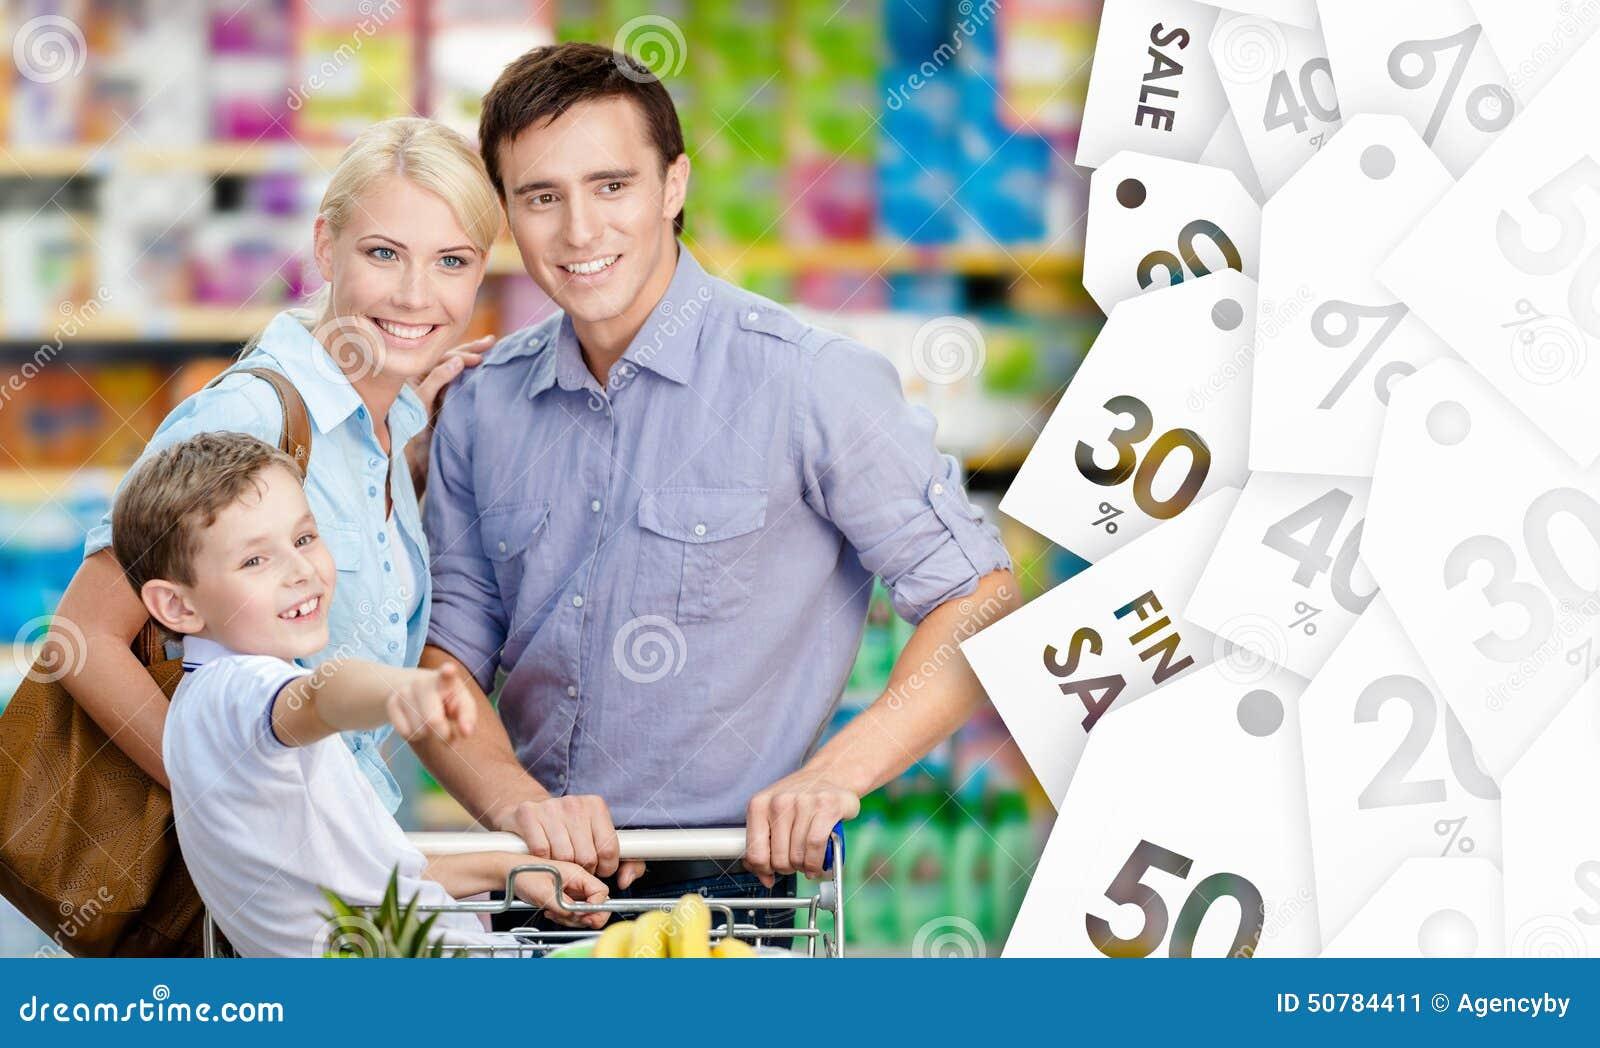 Retrato de la familia feliz en la tienda